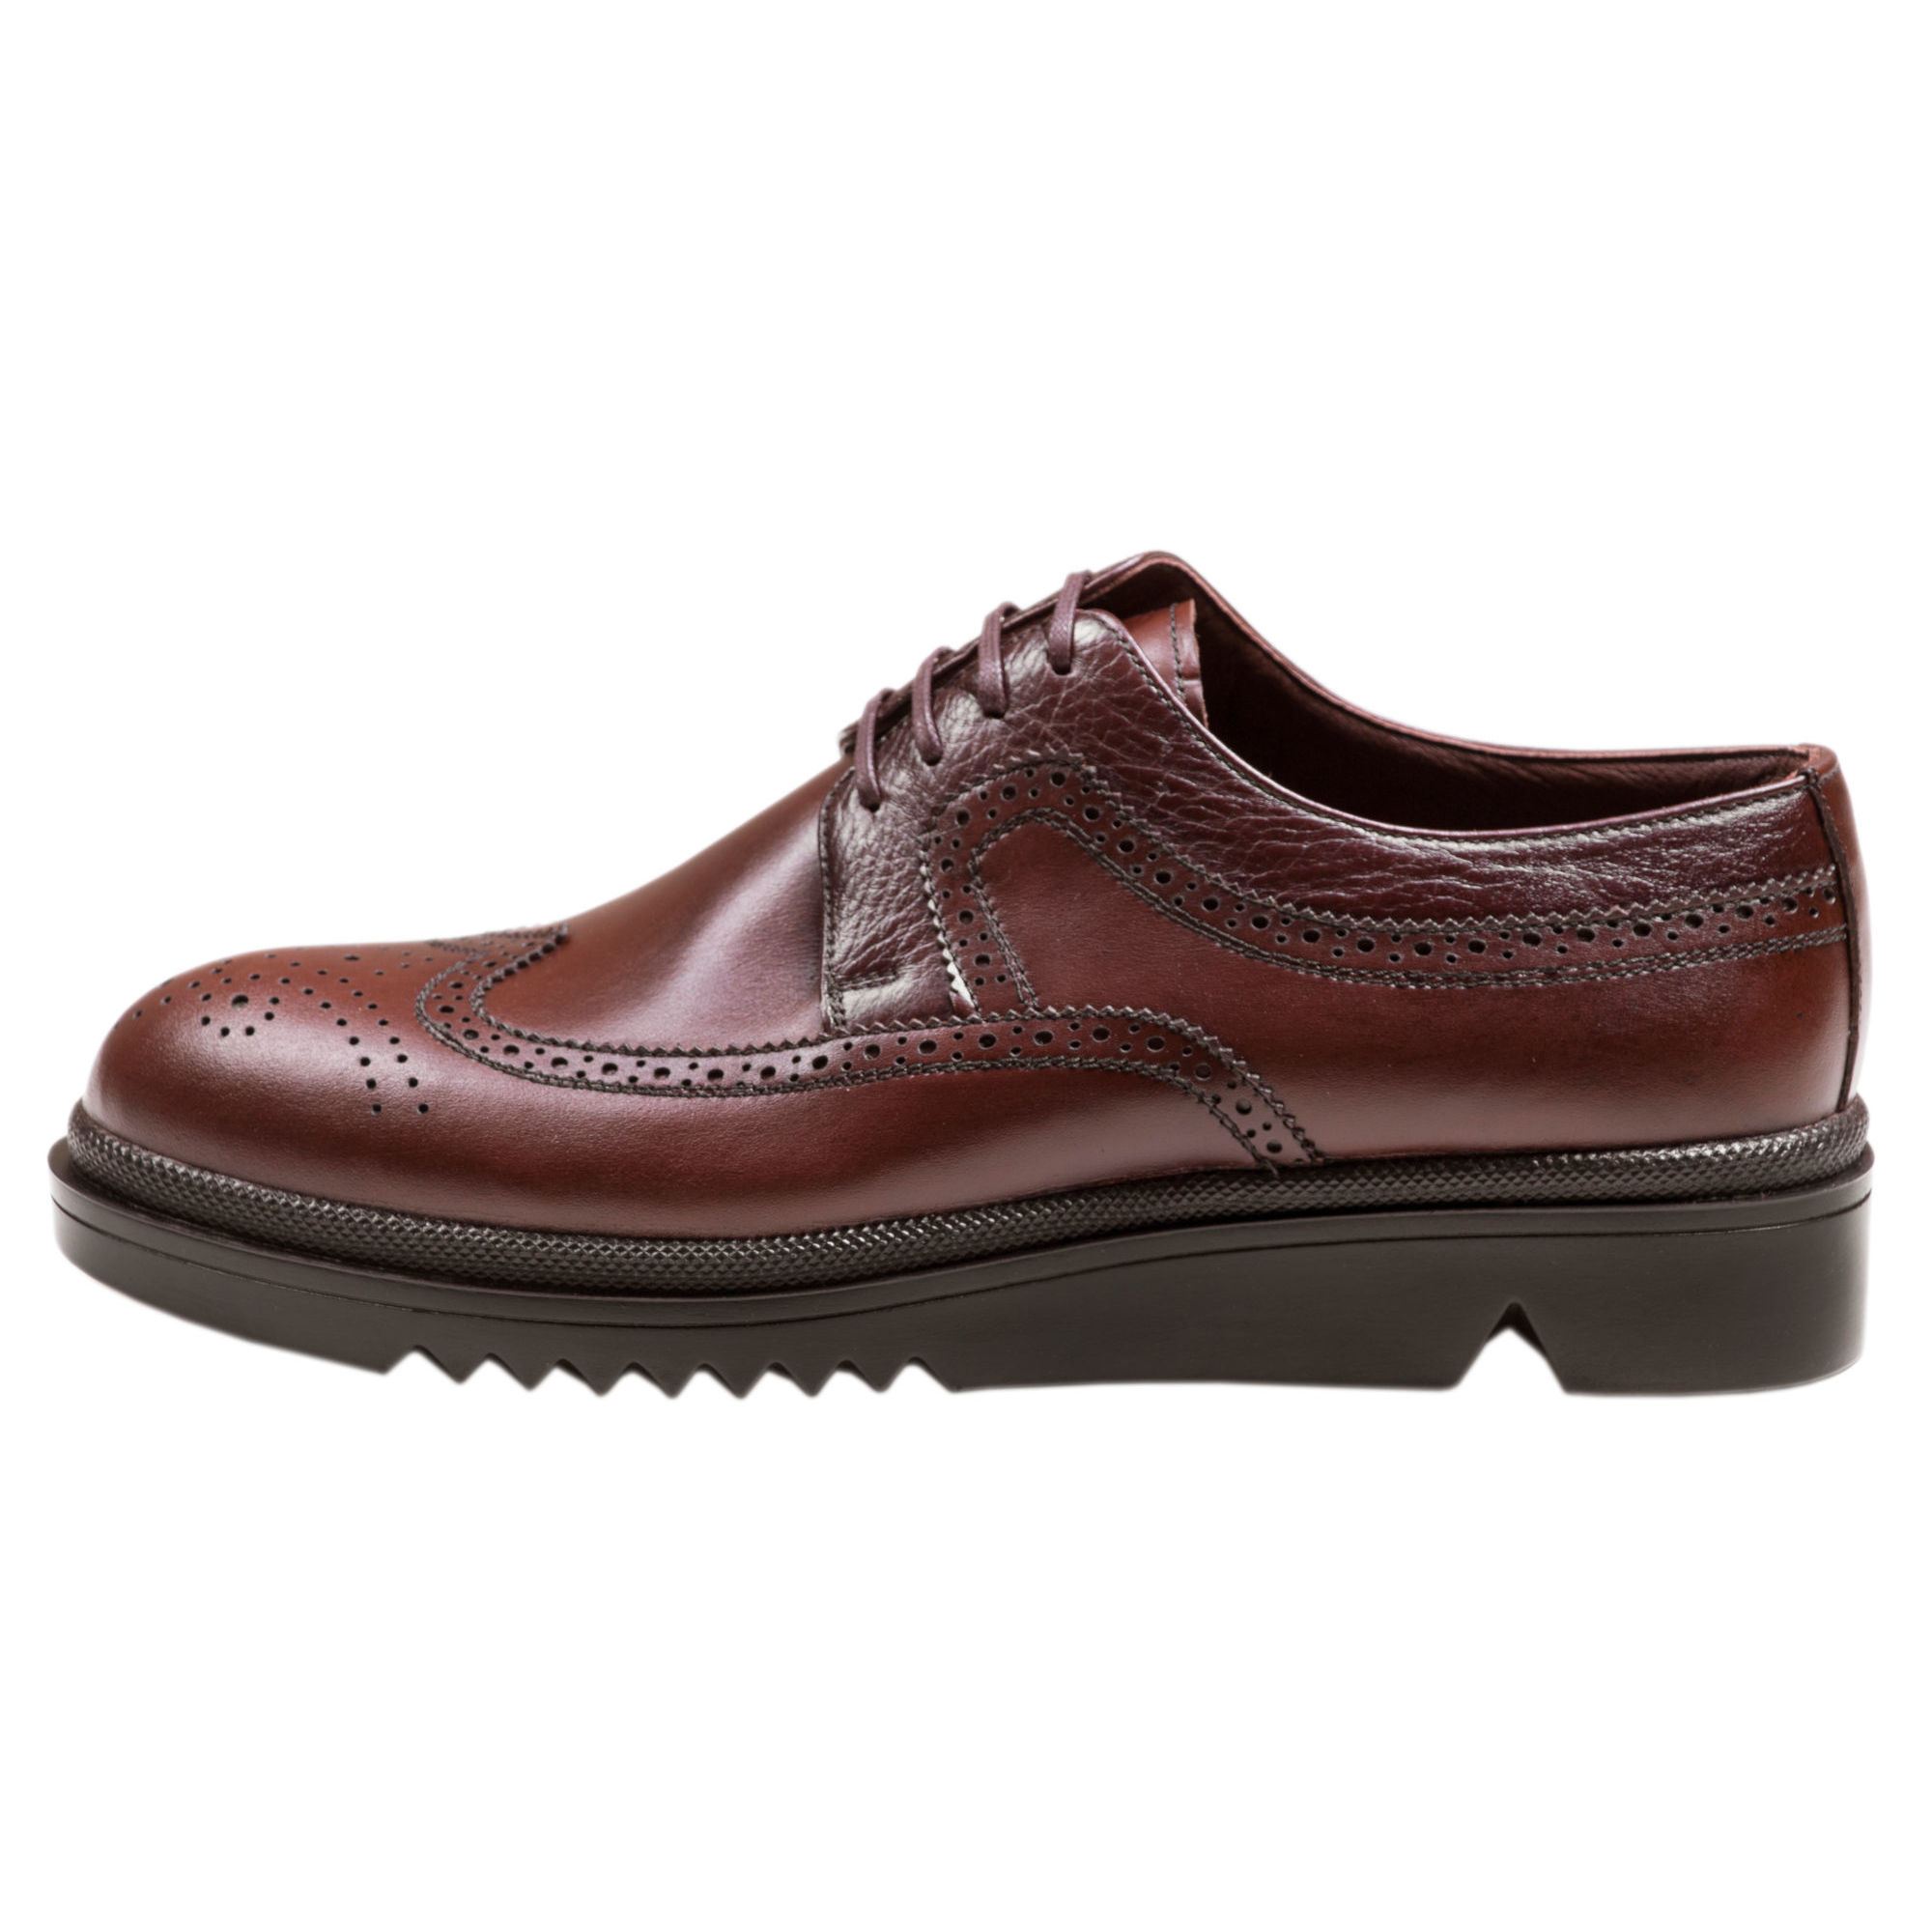 کفش مردانه سی سی مدل نیومن رنگ قهوهای